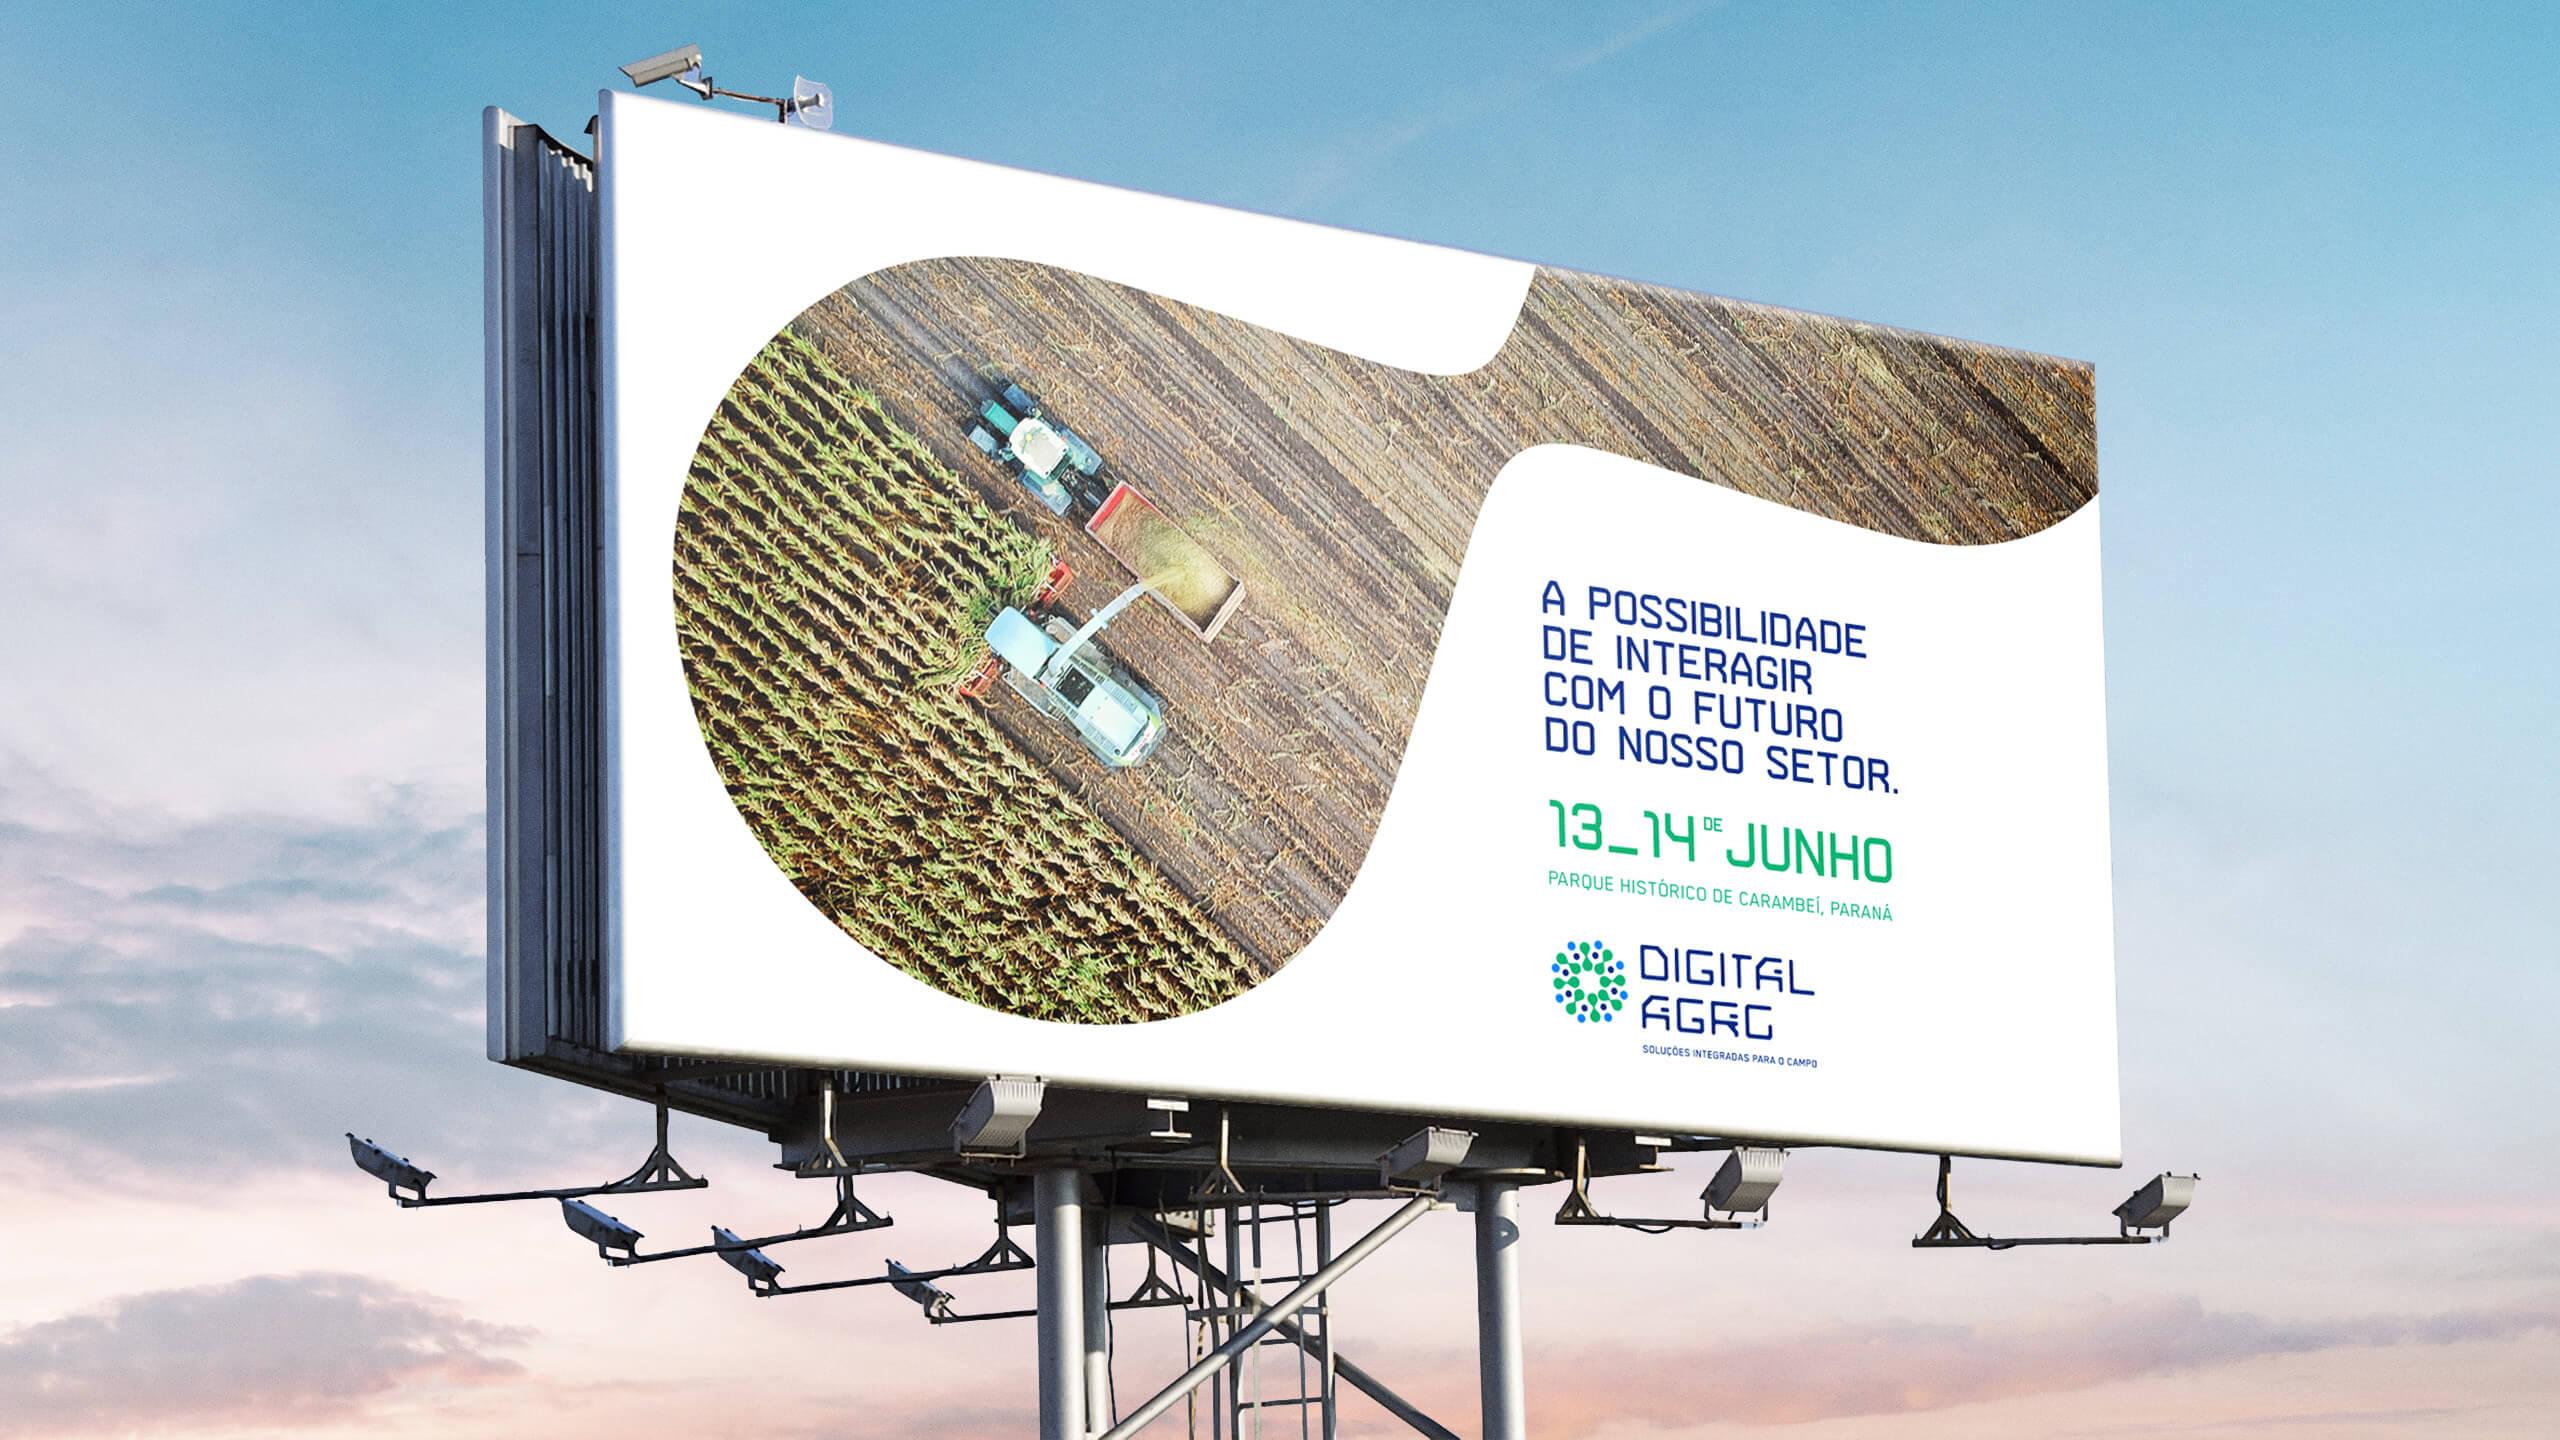 firmorama_digital-agro_04